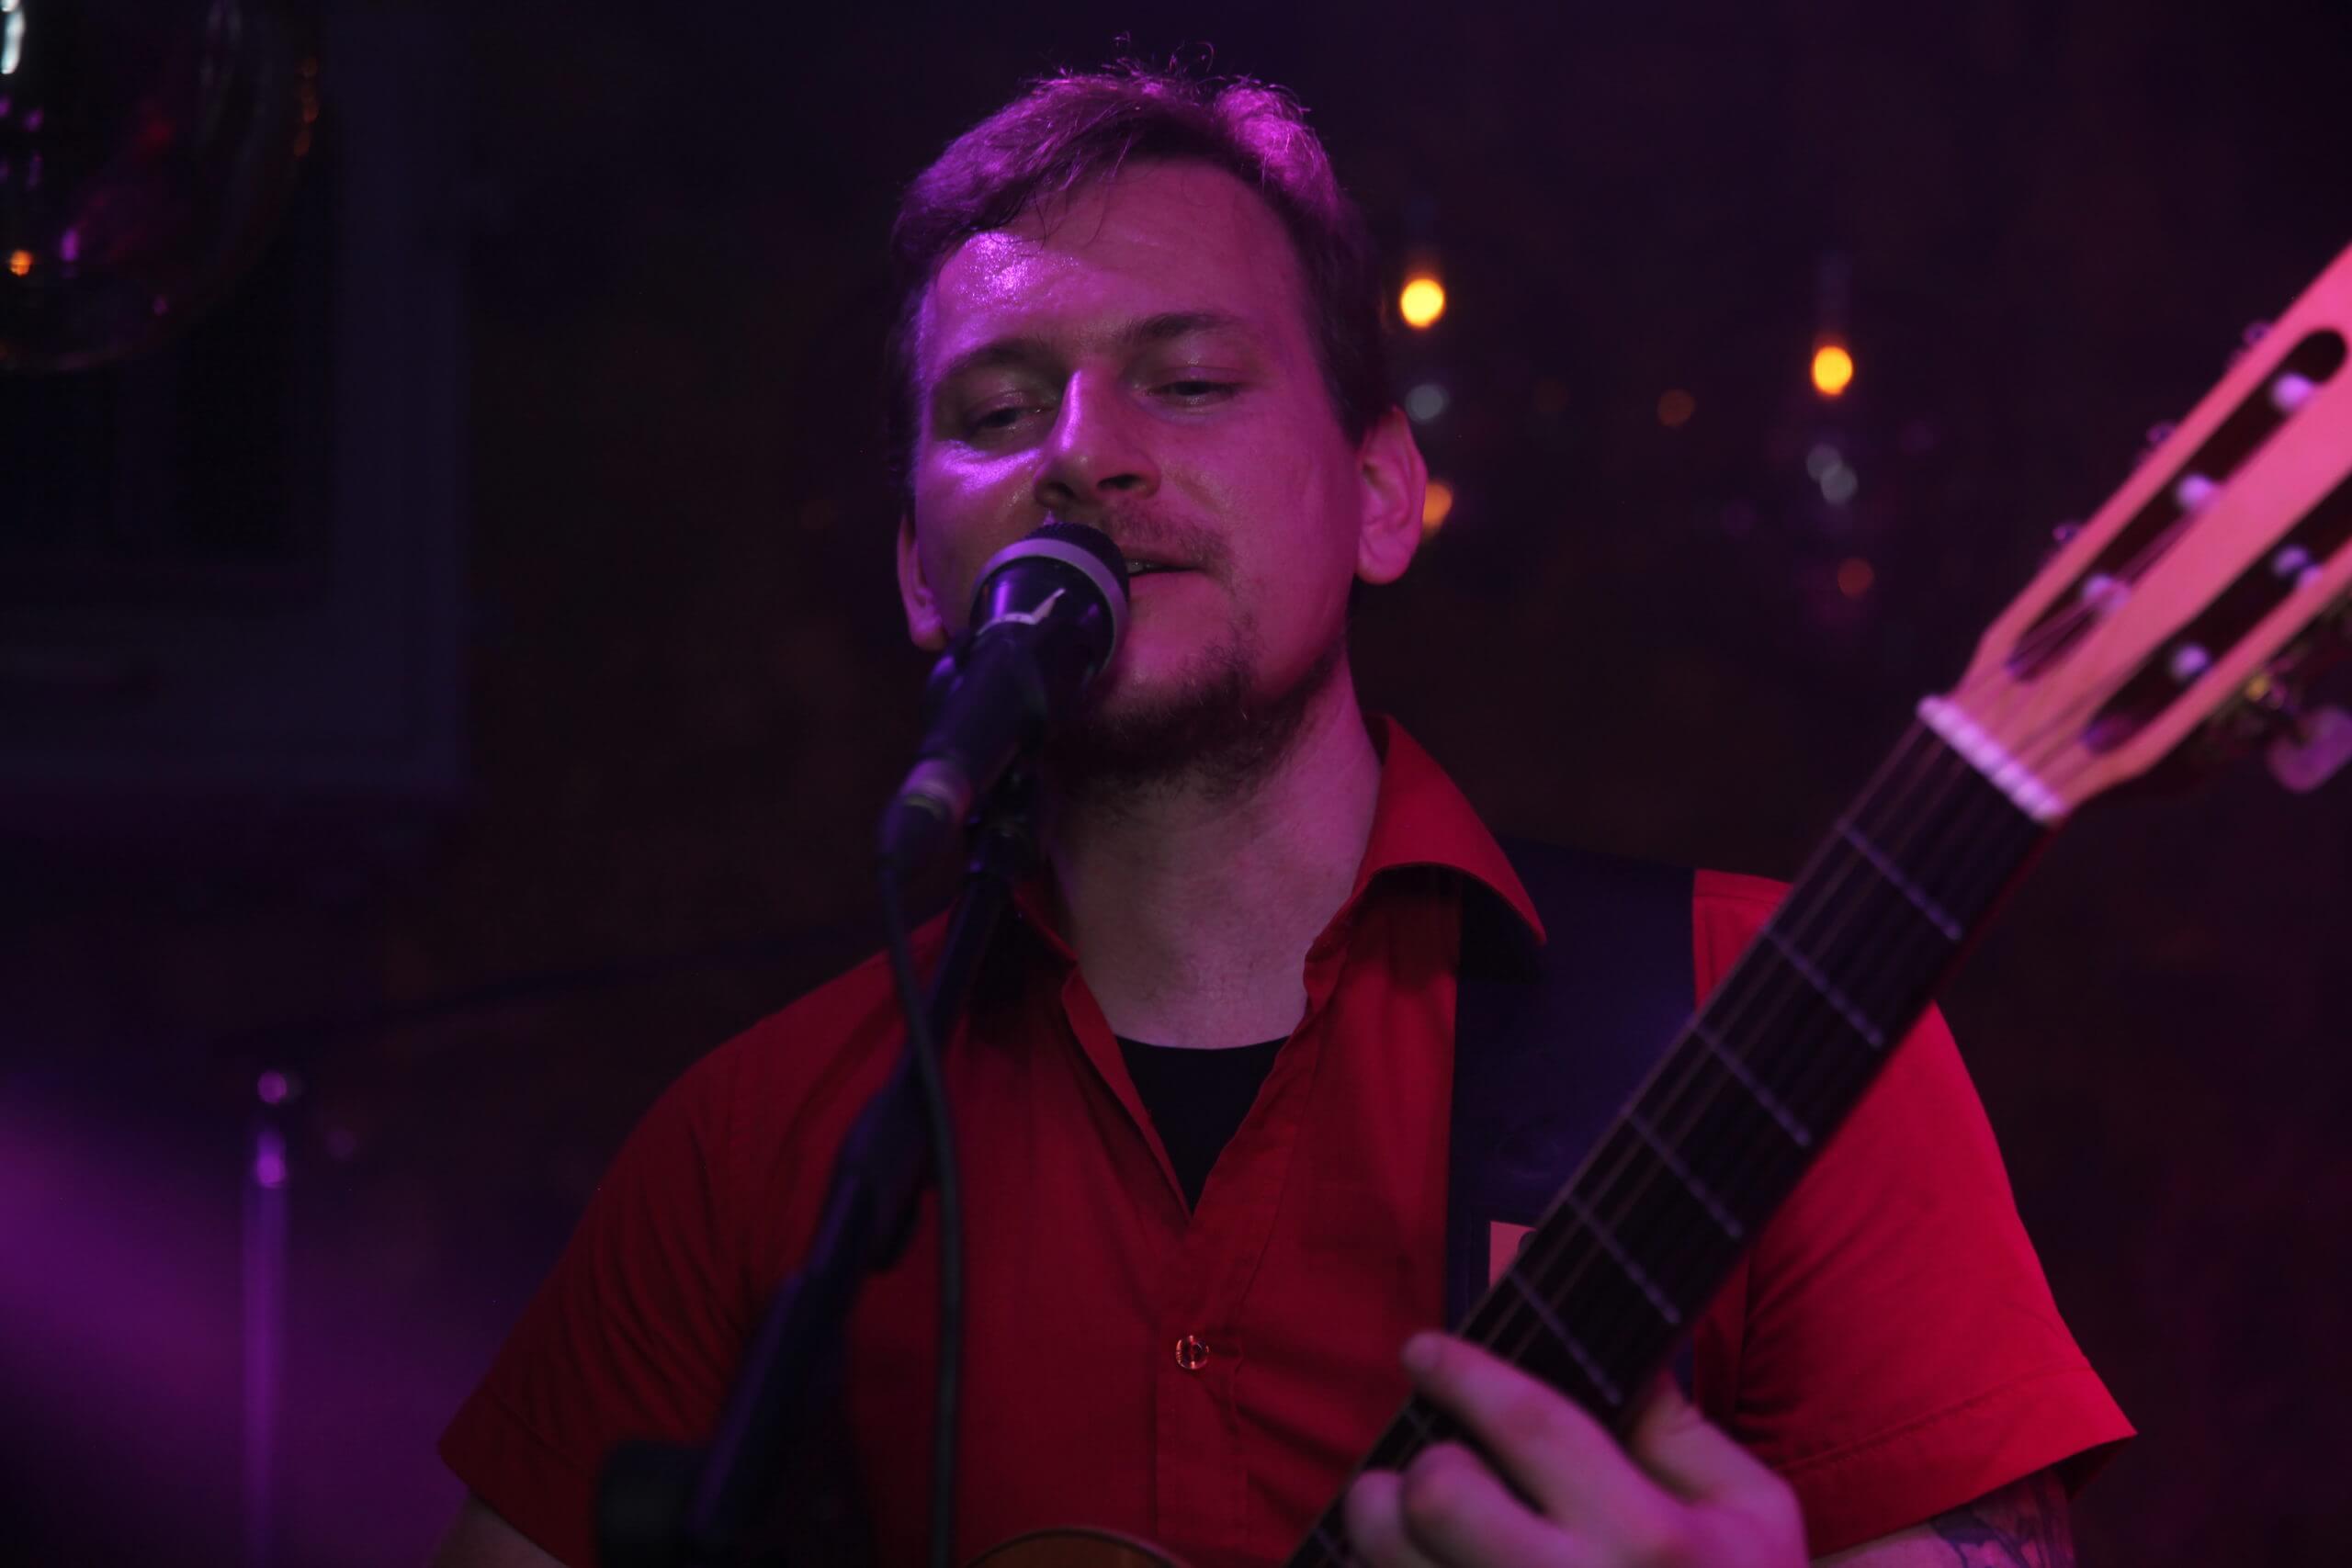 Bandmitglied Martin von Zargenbruch